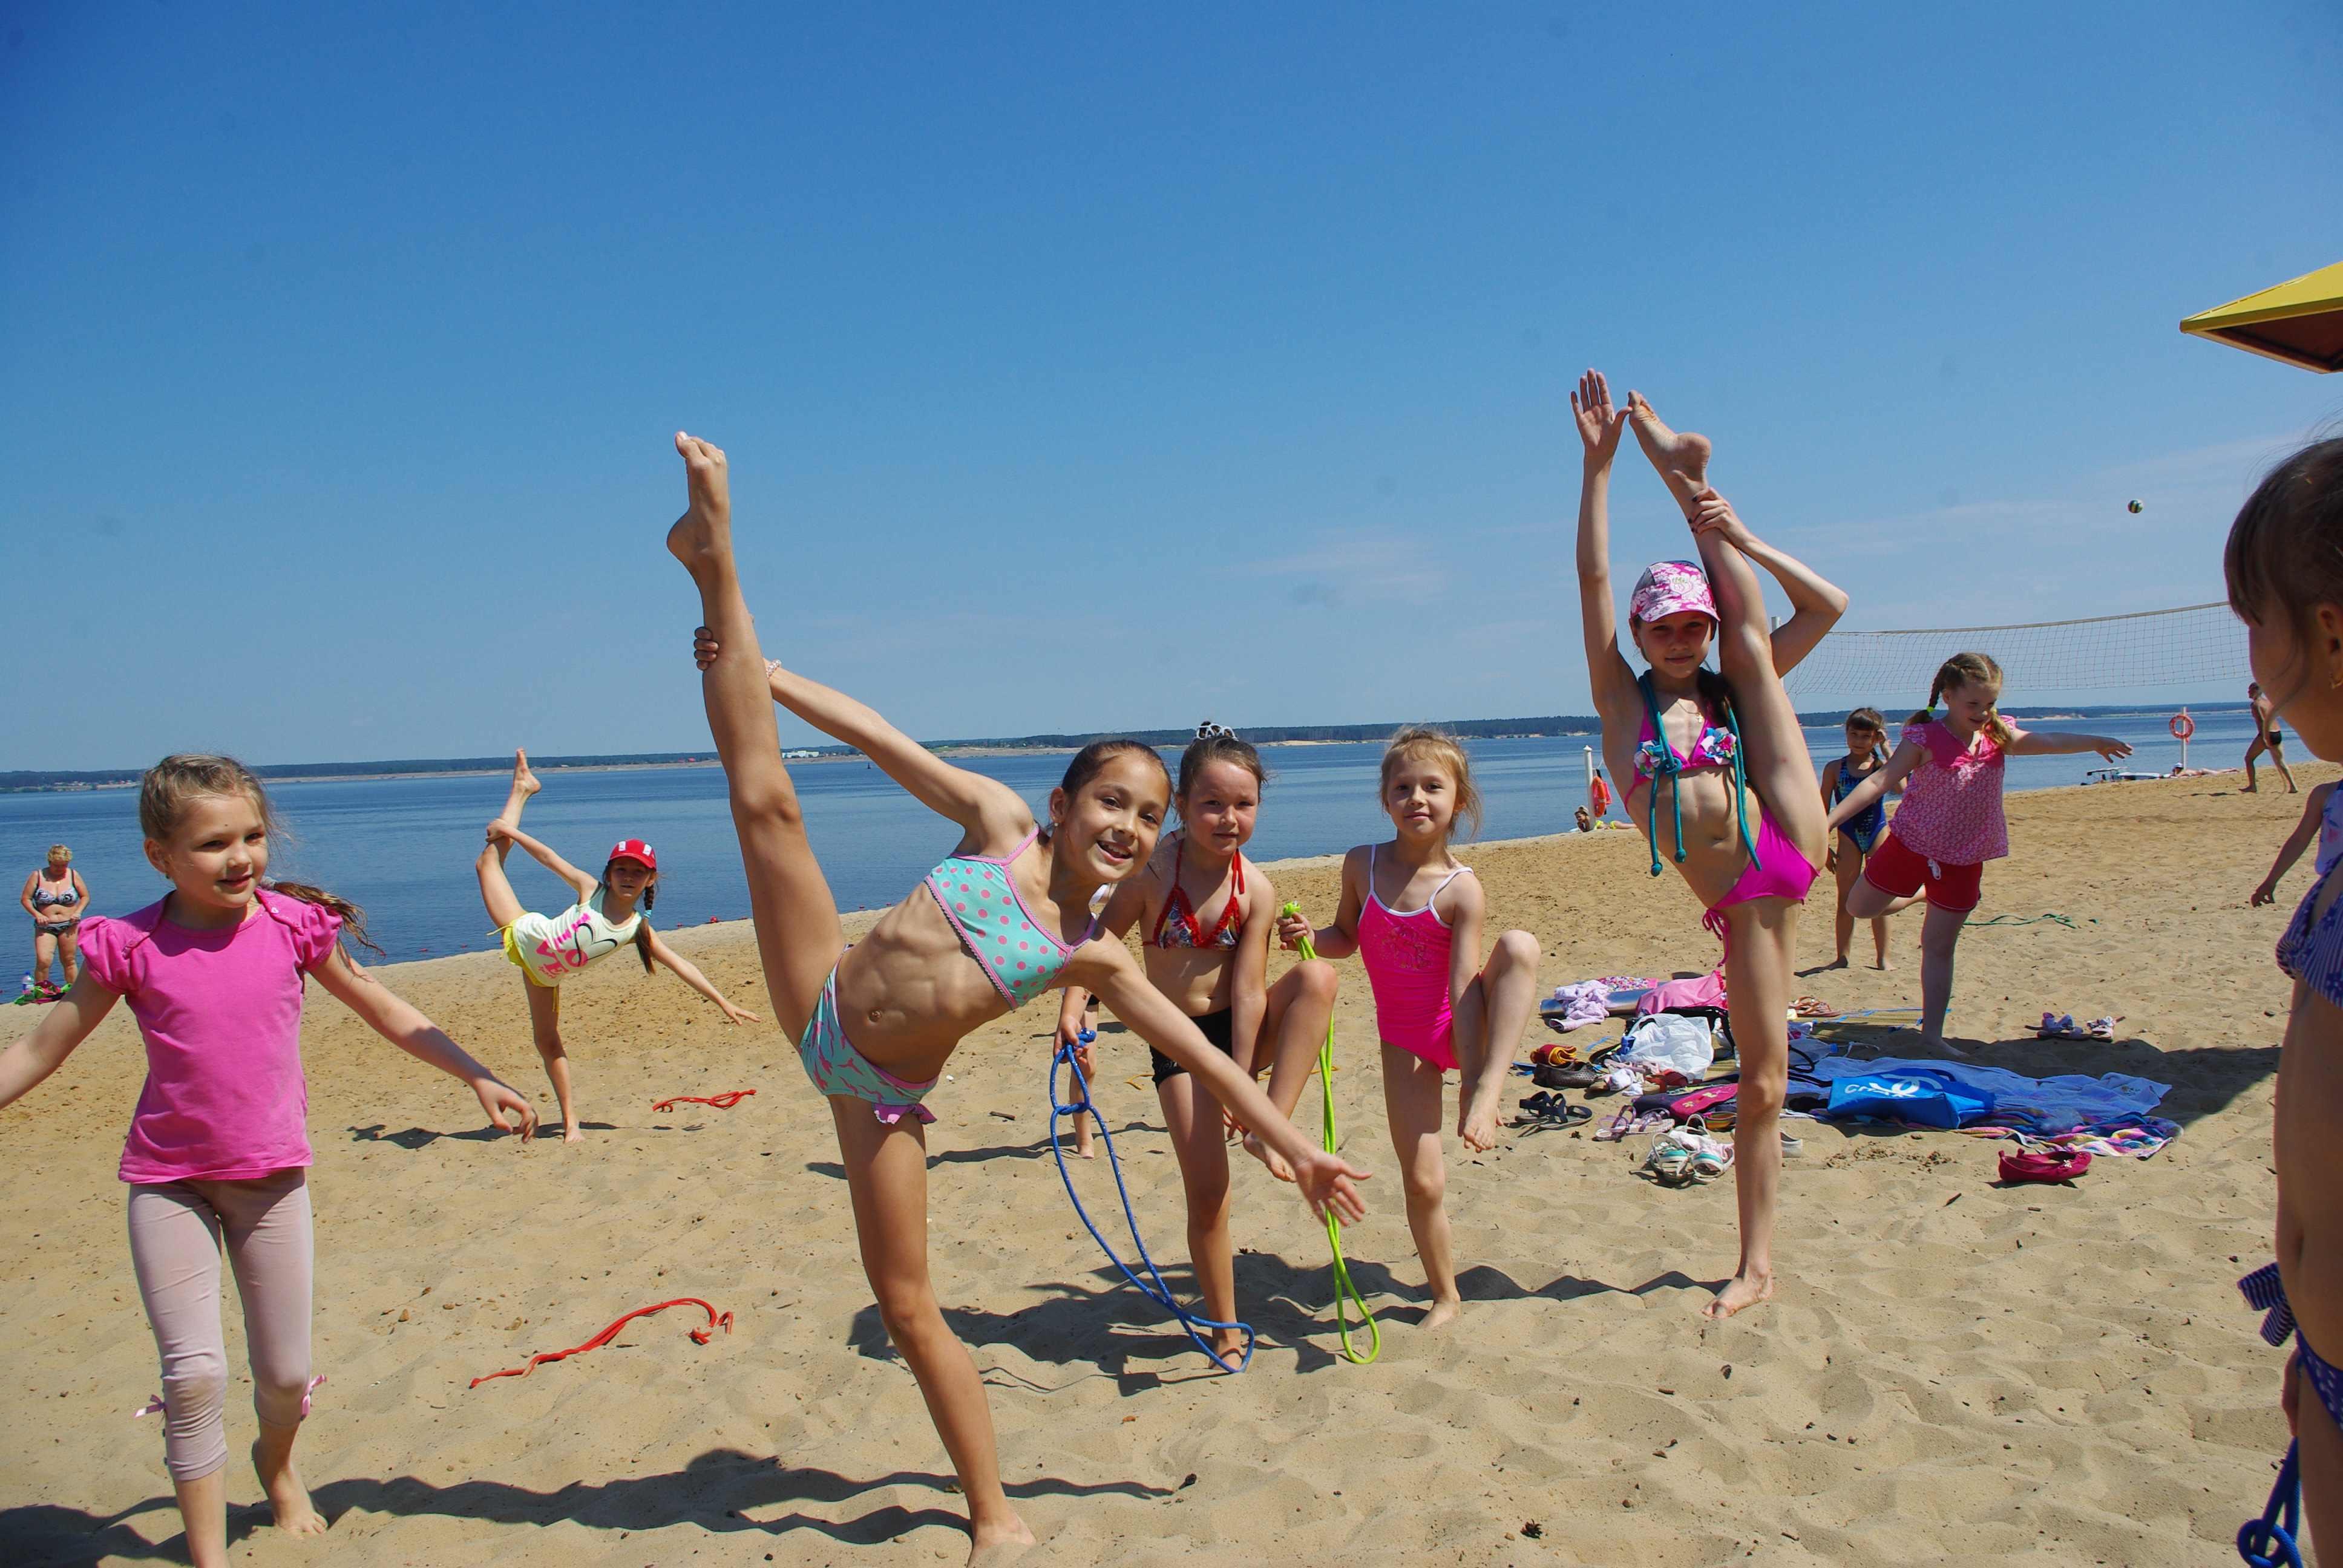 Юные модели юные гимнастки 4 фотография